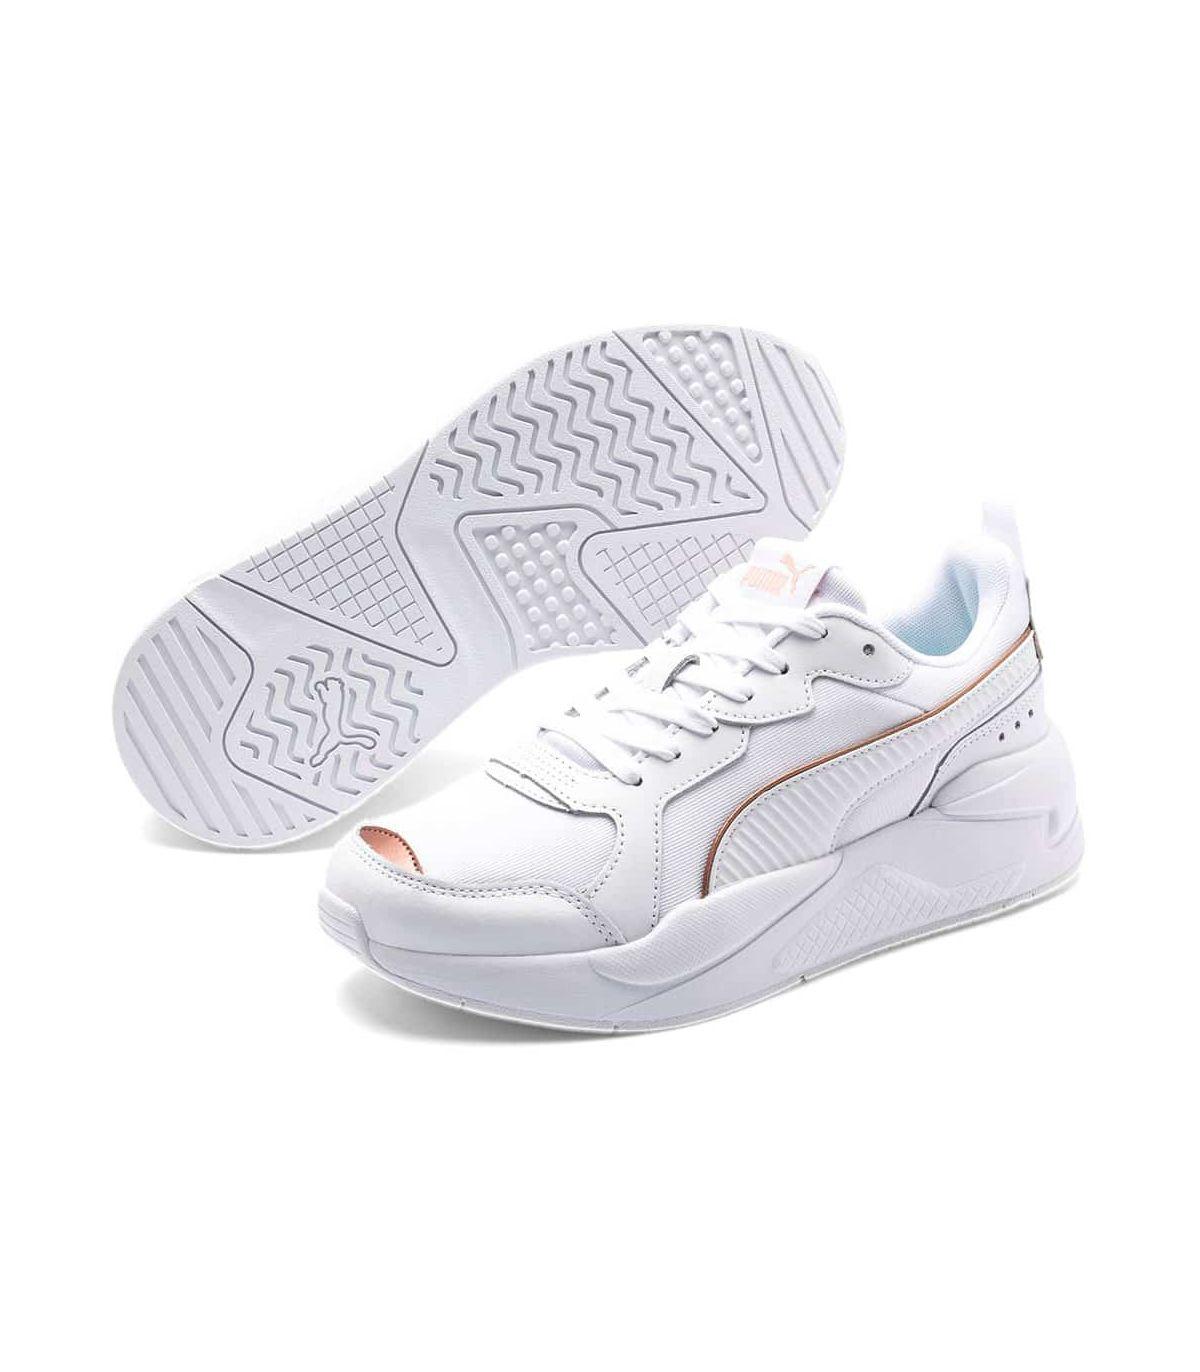 Puma X-Ray Metallic White Sizes 41